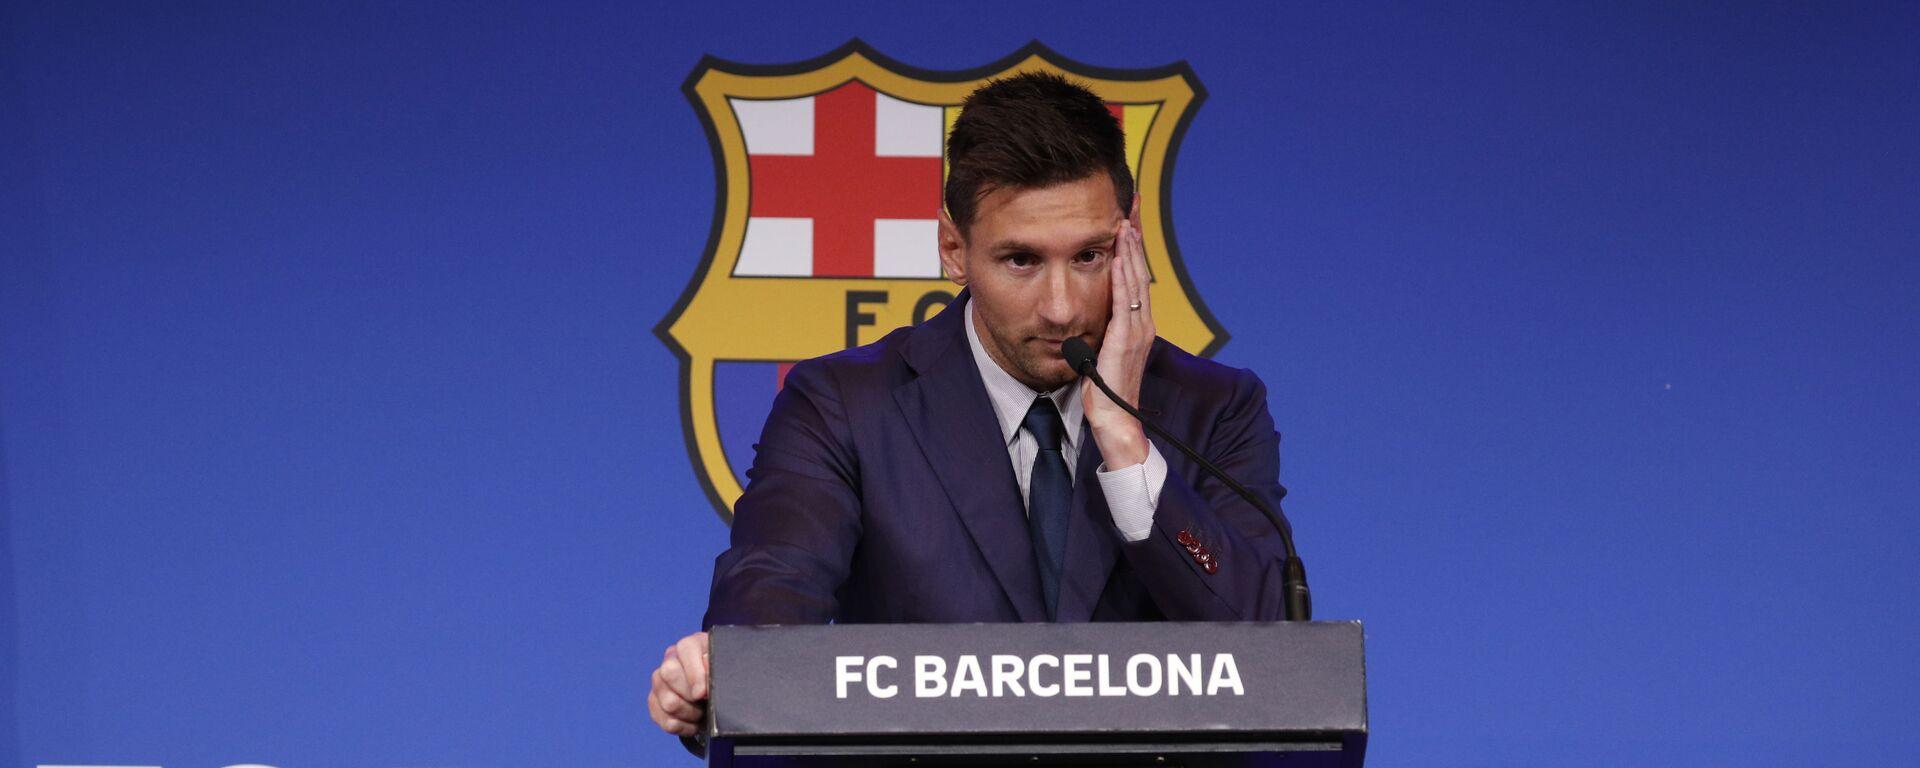 Lionel Messi durante una conferenza stampa - Sputnik Italia, 1920, 10.08.2021